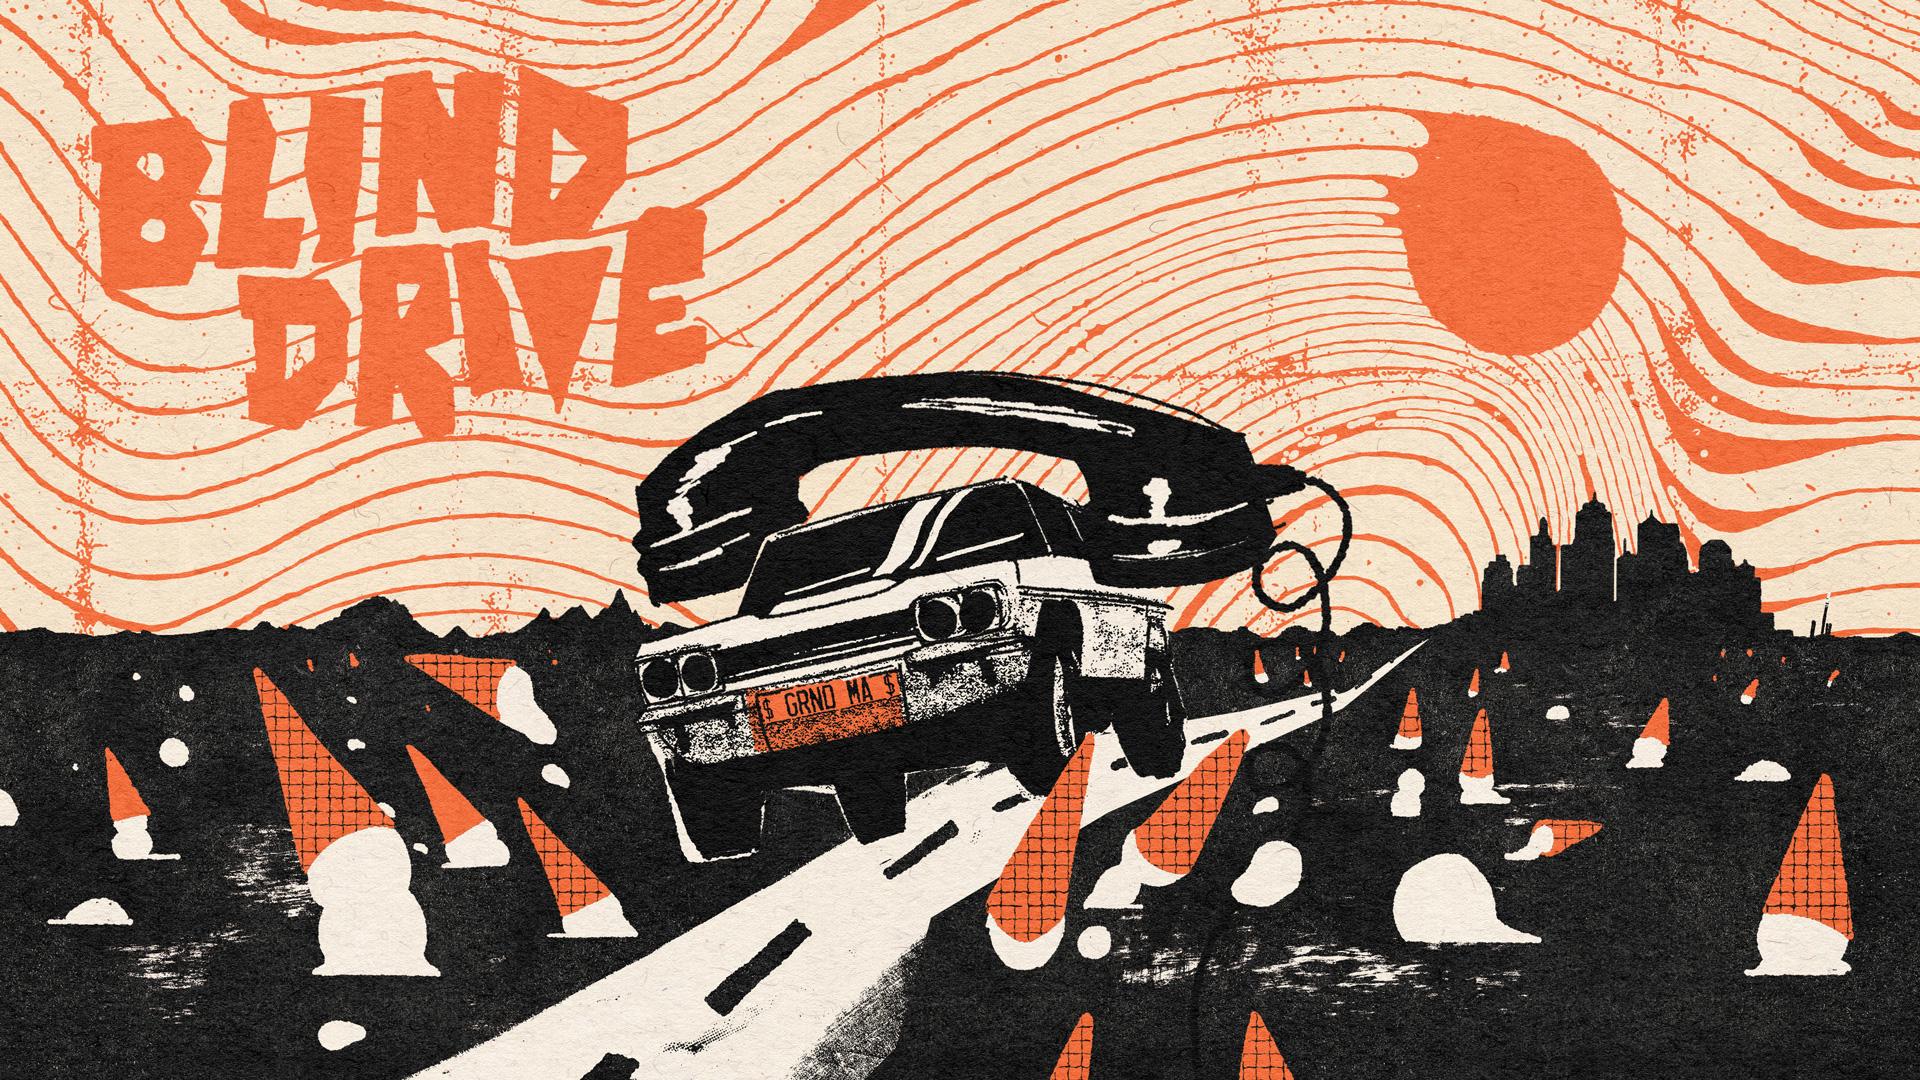 הפוסטר של Blind Drive. עיצוב: YONIL